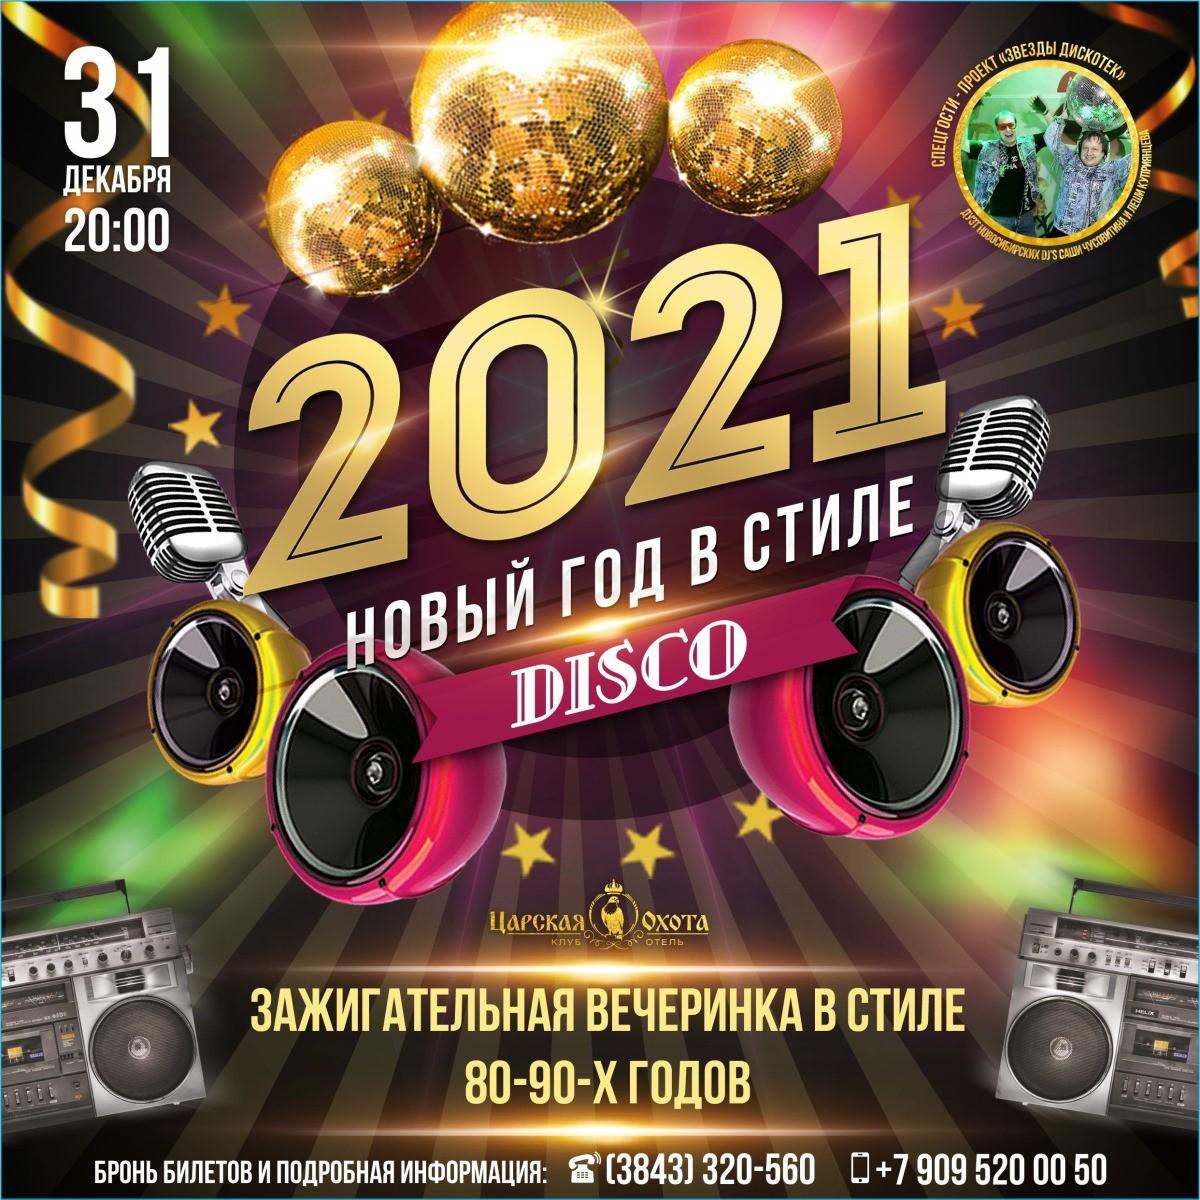 Шоу-программа «Новый год в стиле ДИСКО»